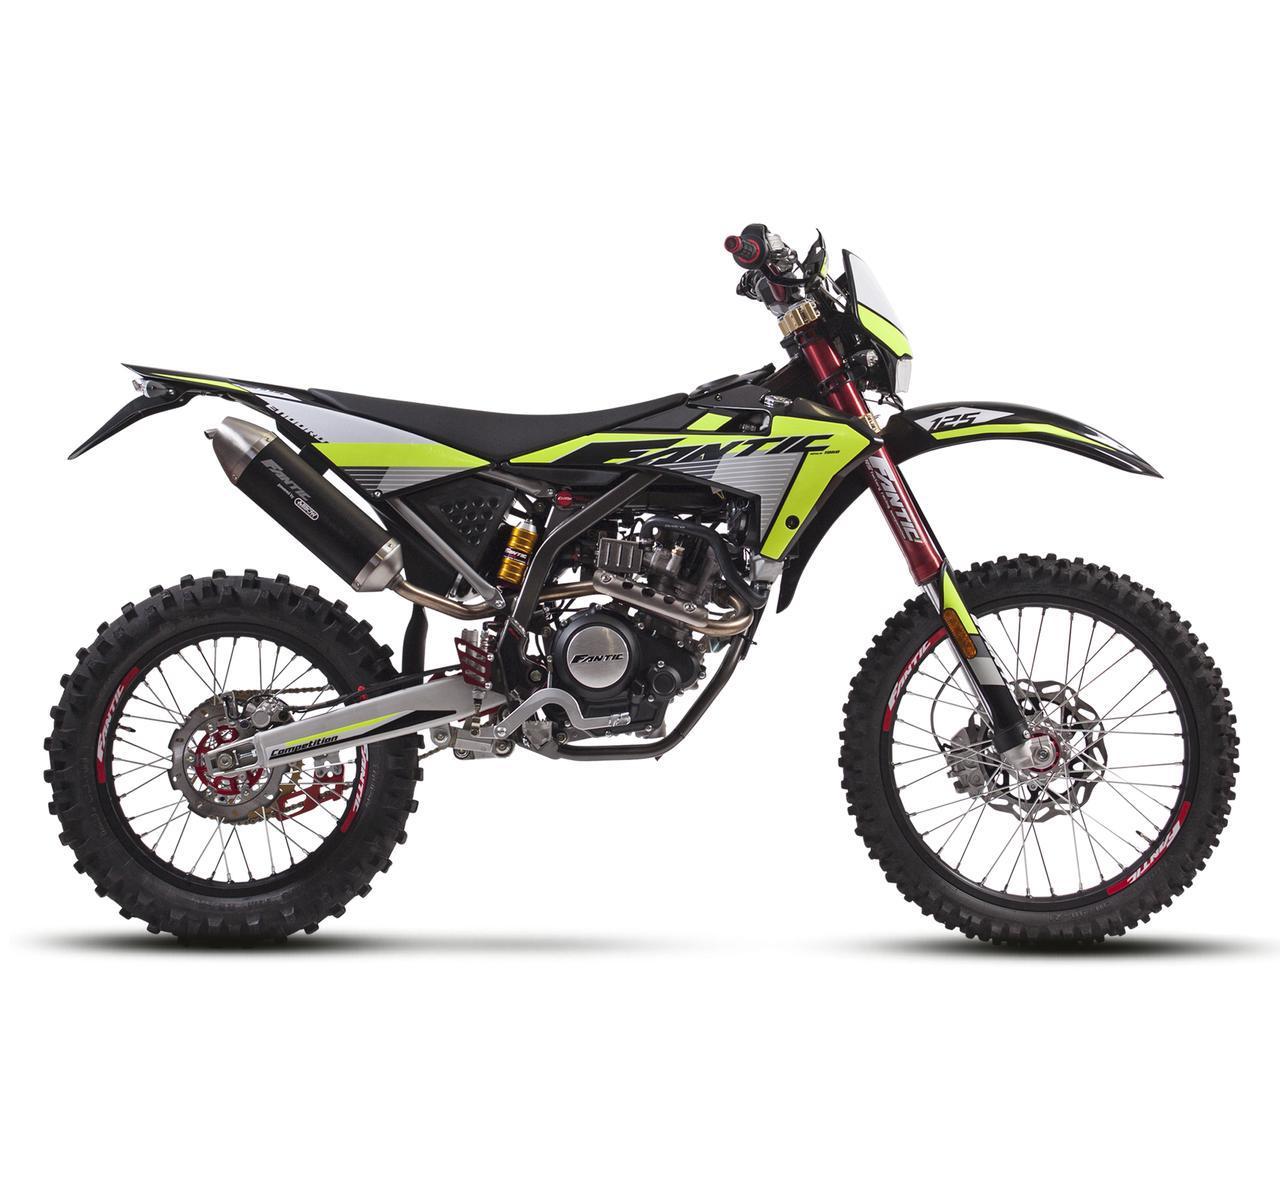 画像2: ライダーを裏切らない公道4st125バイク。イタリアで最も売れた「エンデューロ」がアップデート